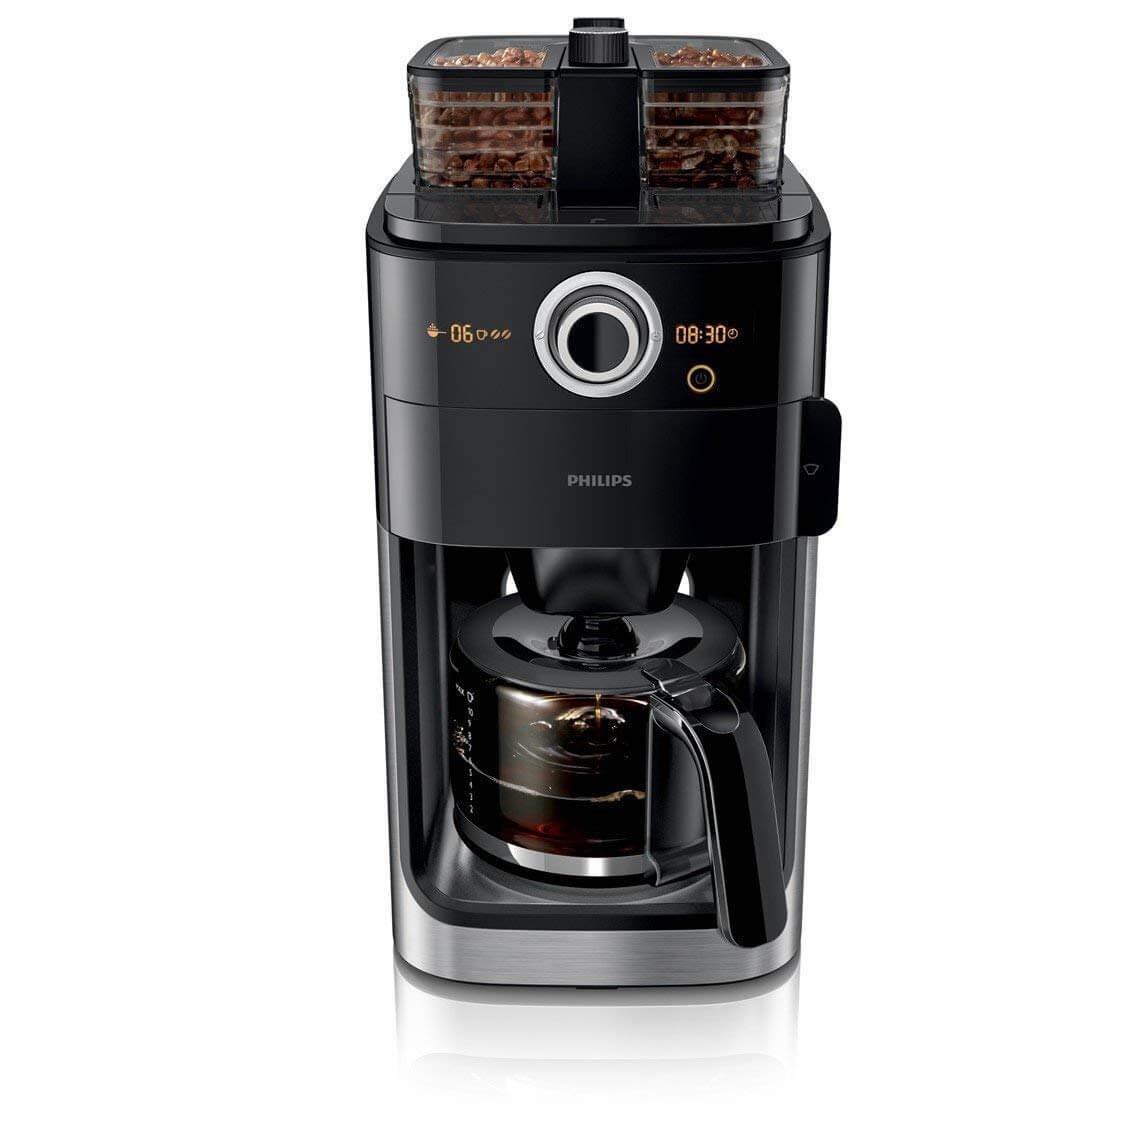 Kaffeemaschine Timerfunktion Test